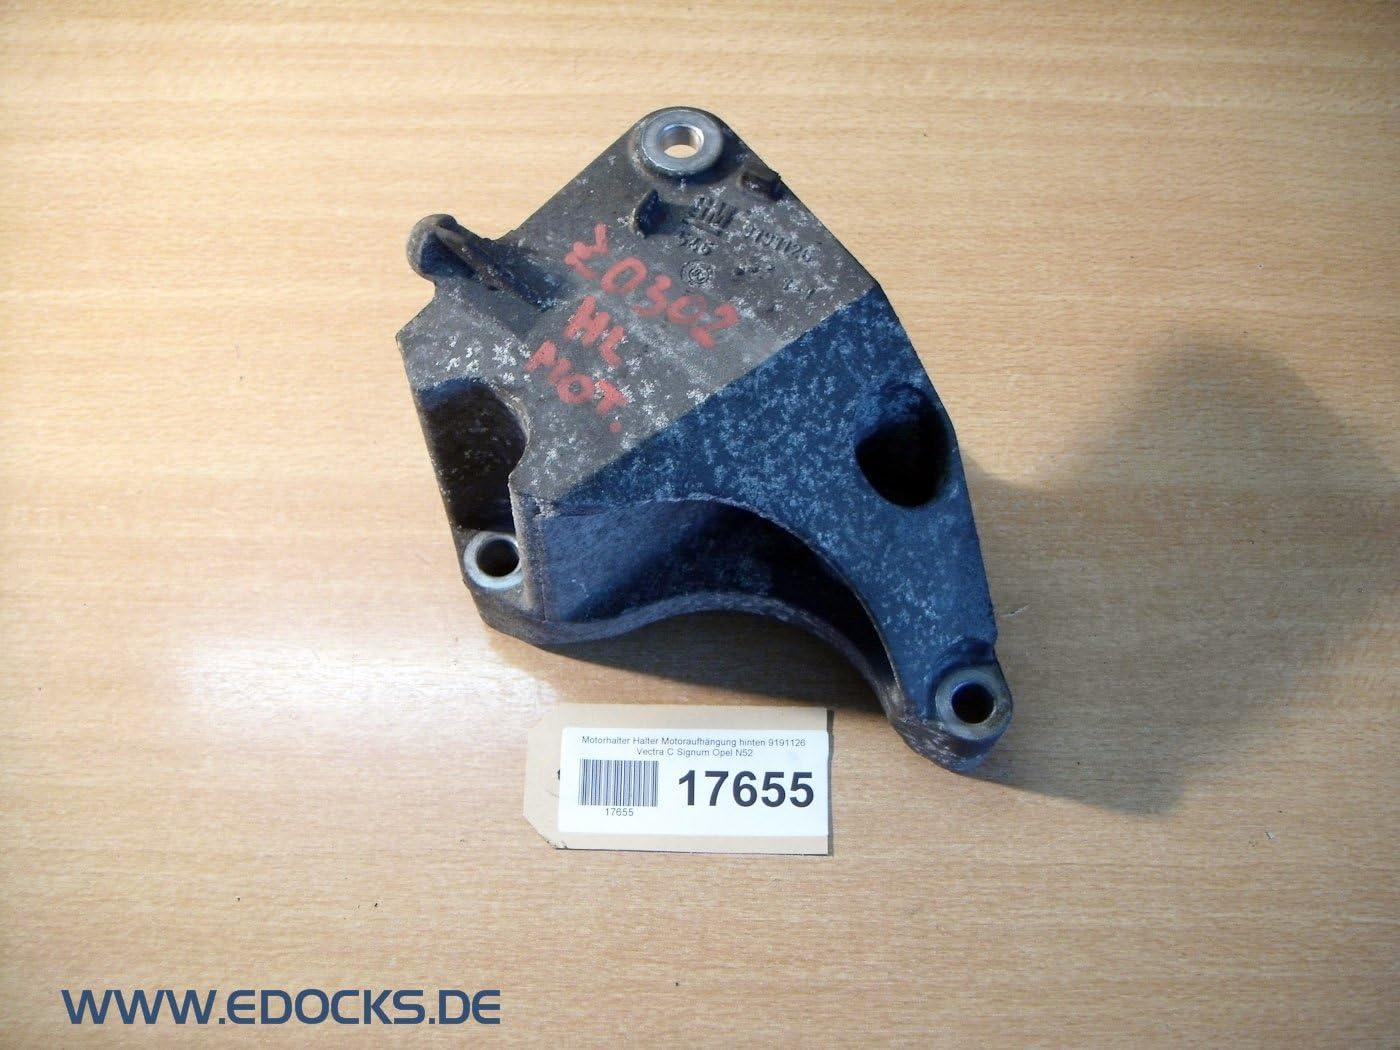 Motorhalter Halter Motoraufh/ängung hinten 9191126 Vectra C Signum Opel